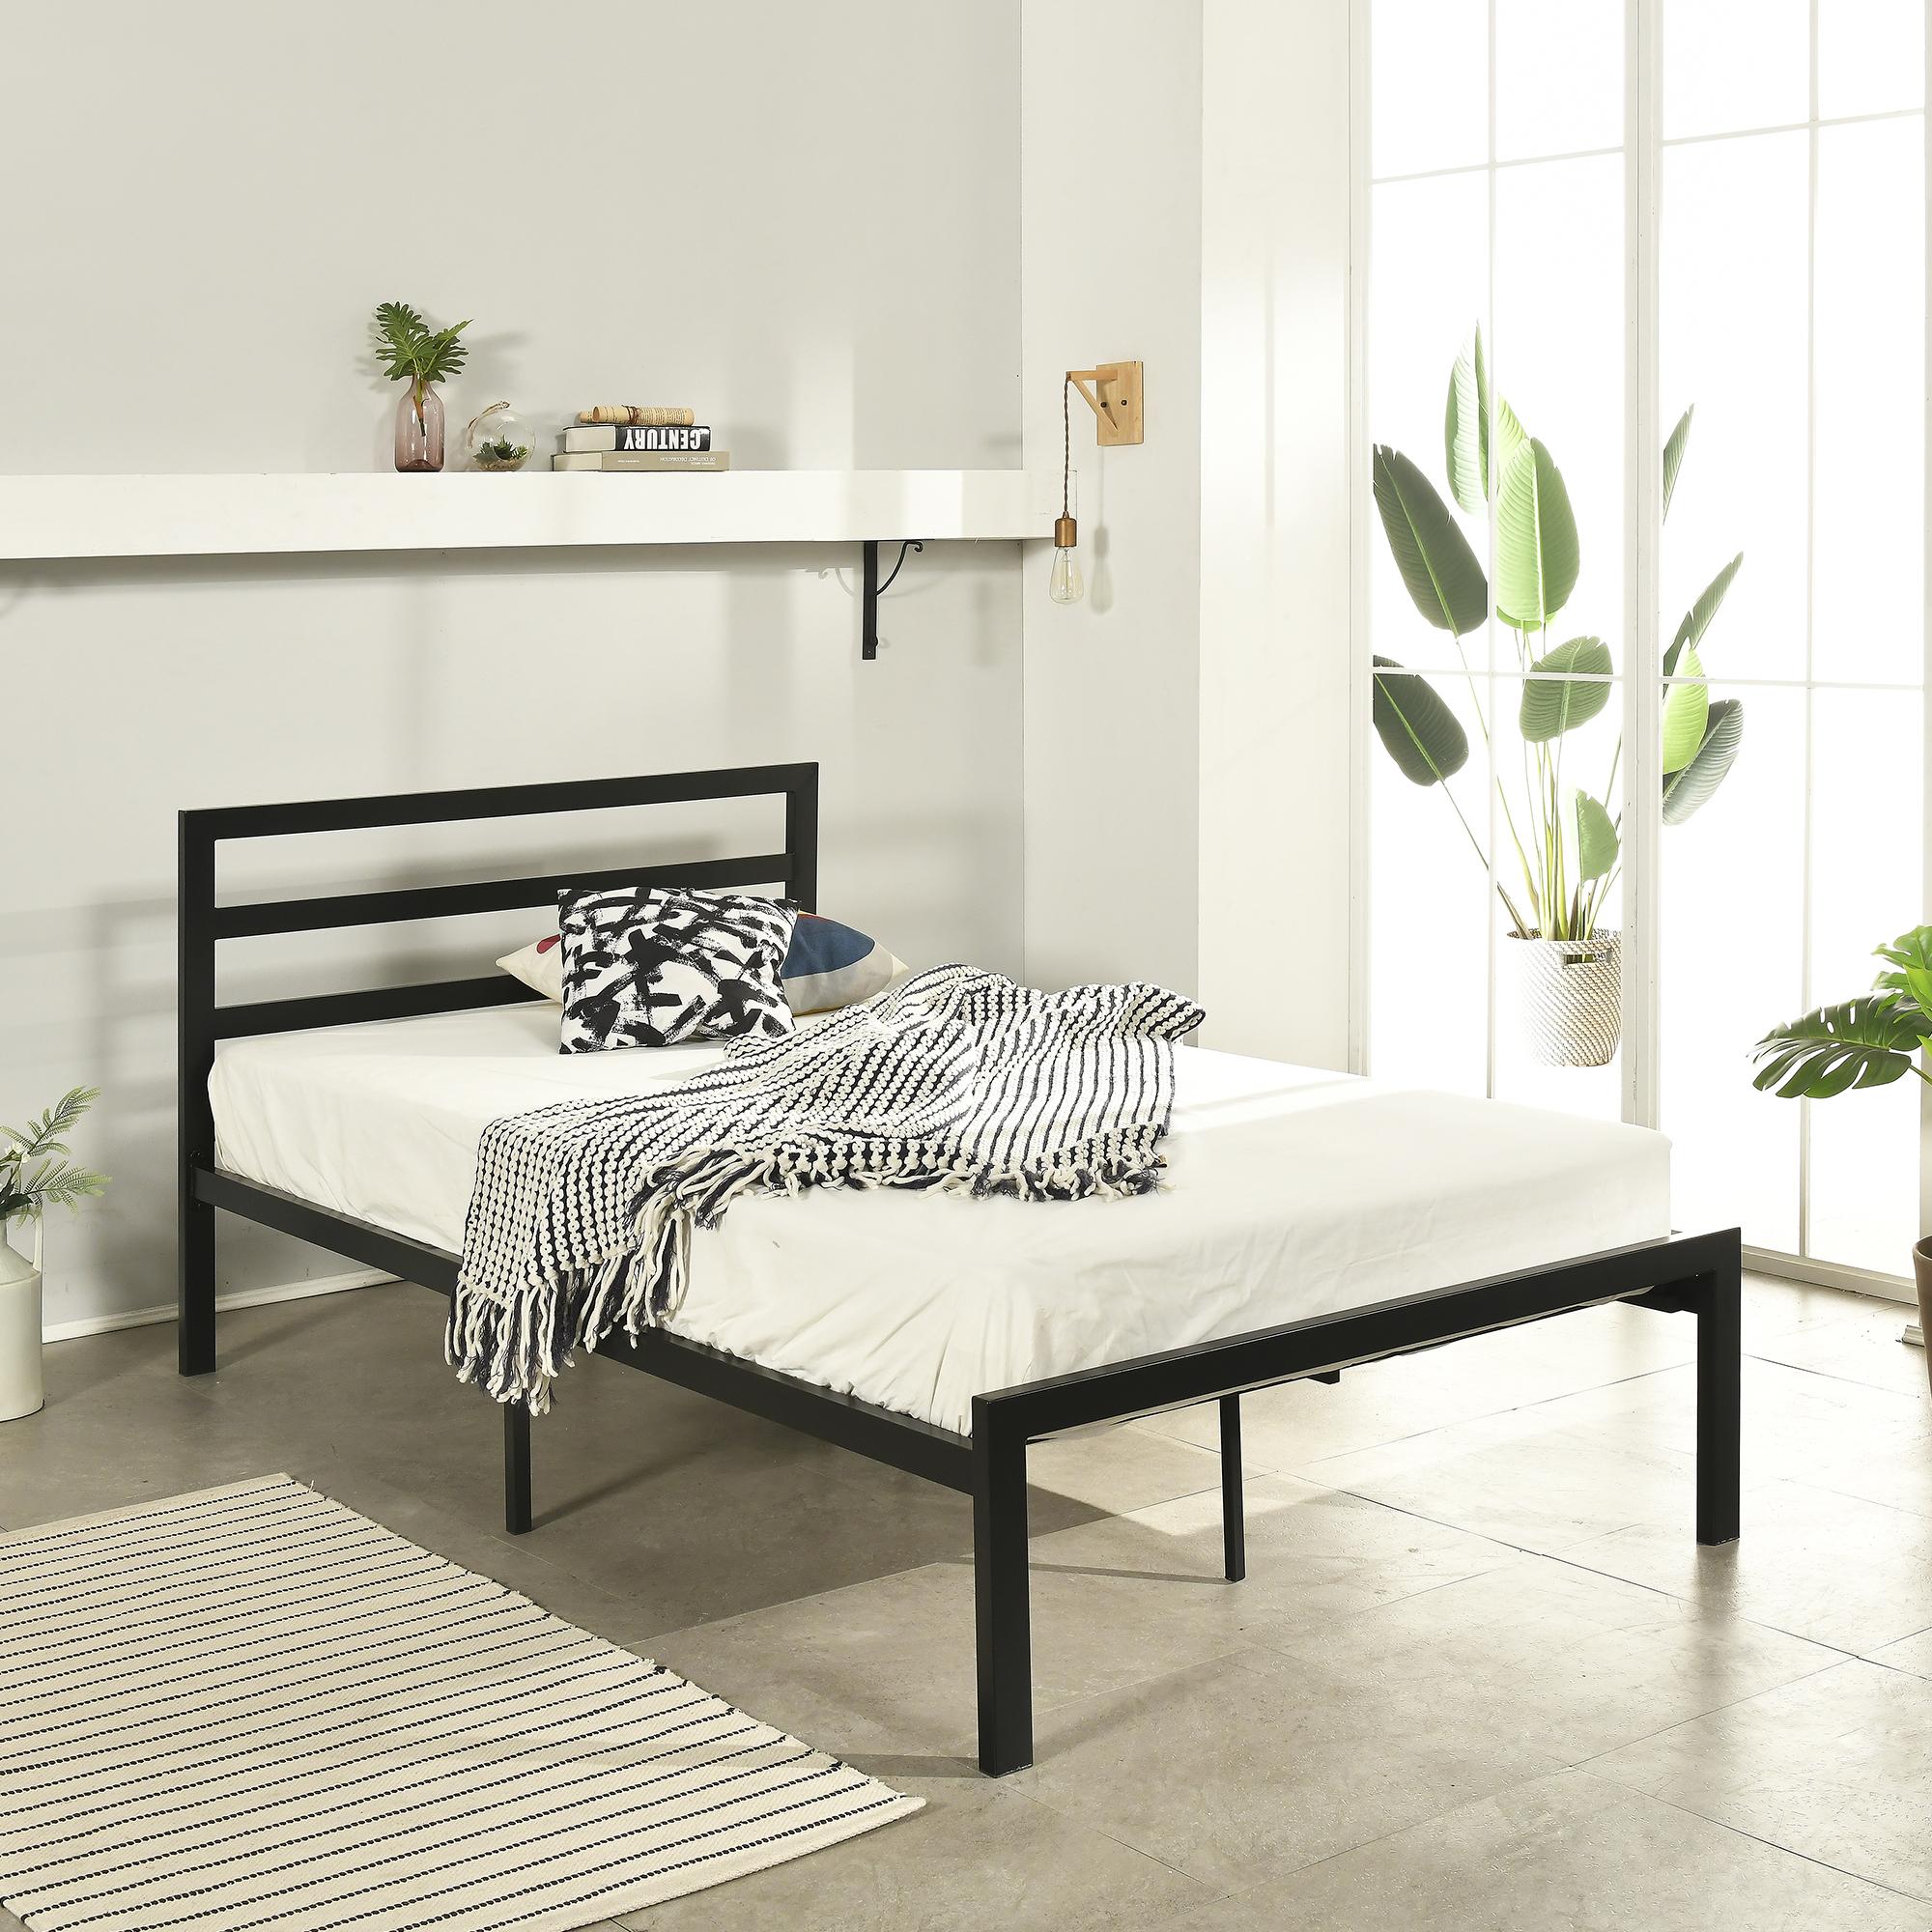 홈페리 솔레일 철제 침대 프레임 단품, 블랙